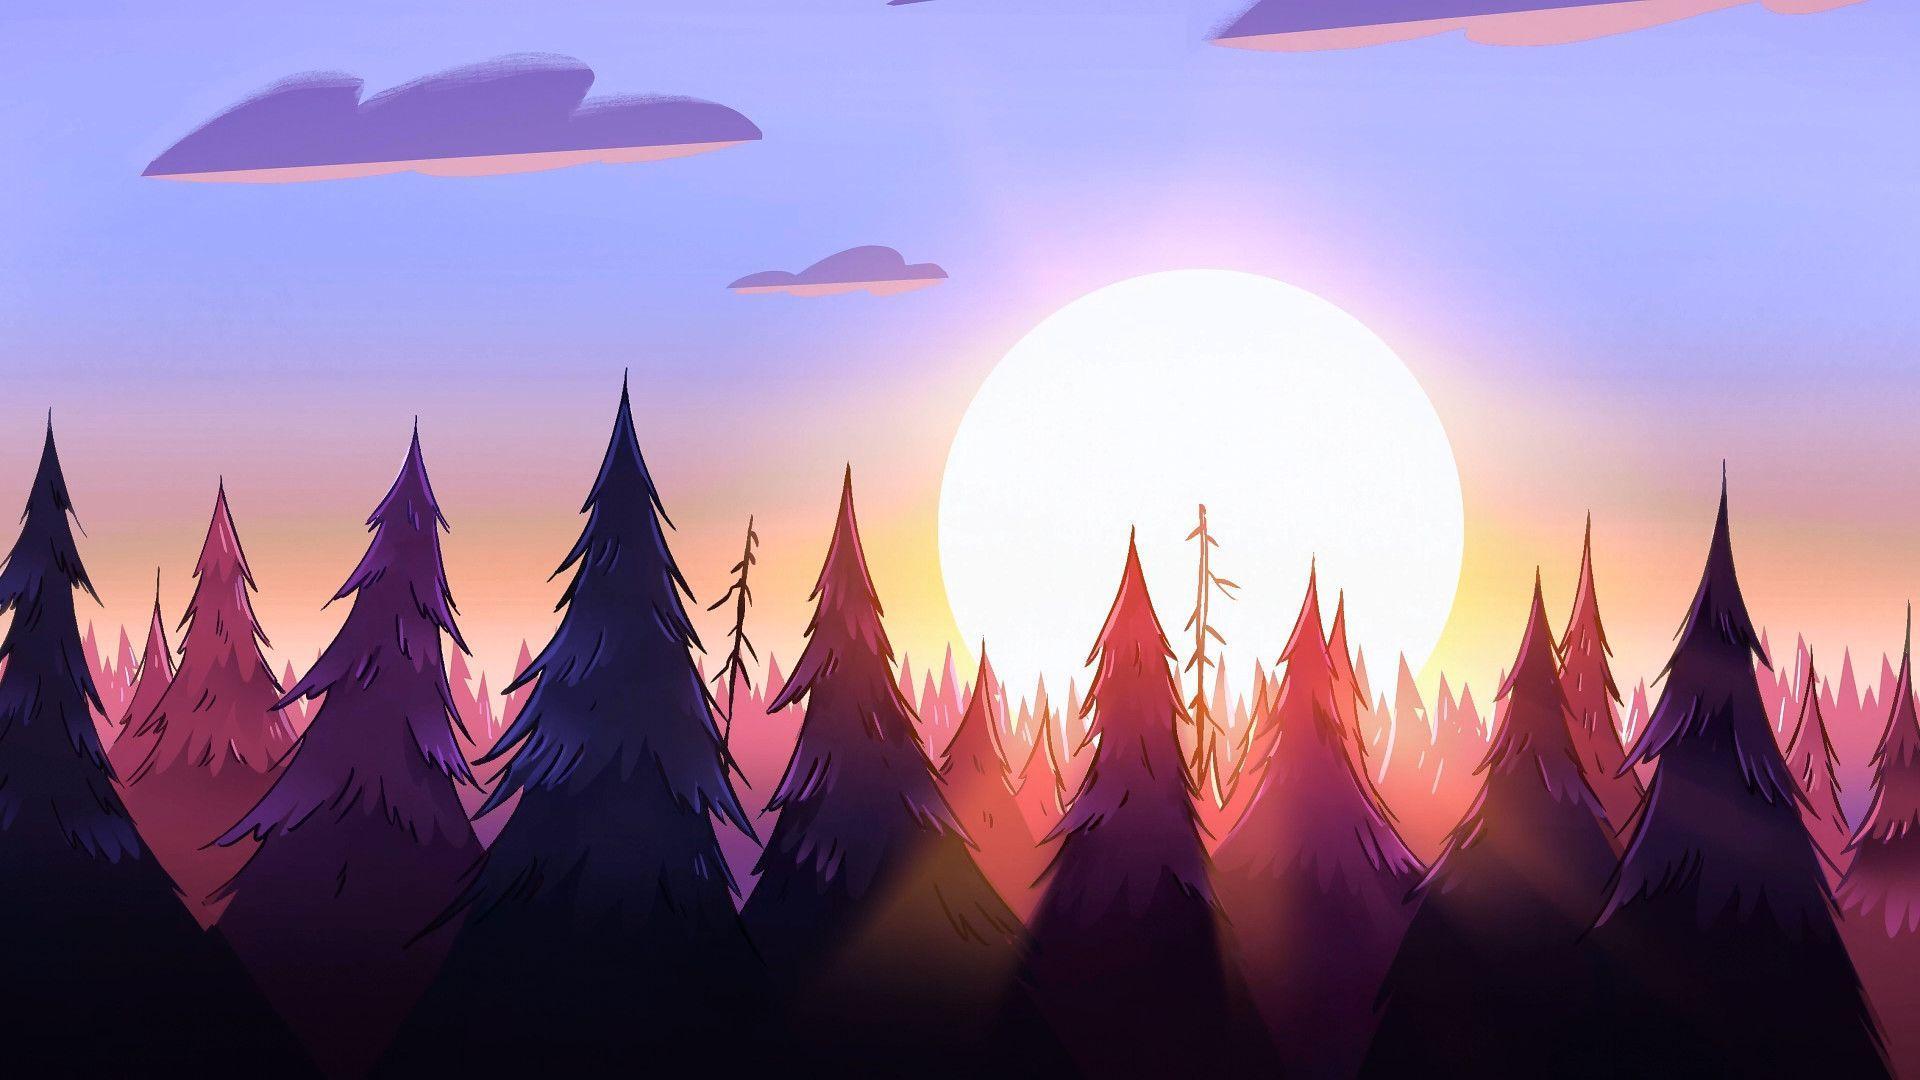 Gravity Falls Aesthetic Wallpapers Top Free Gravity Falls